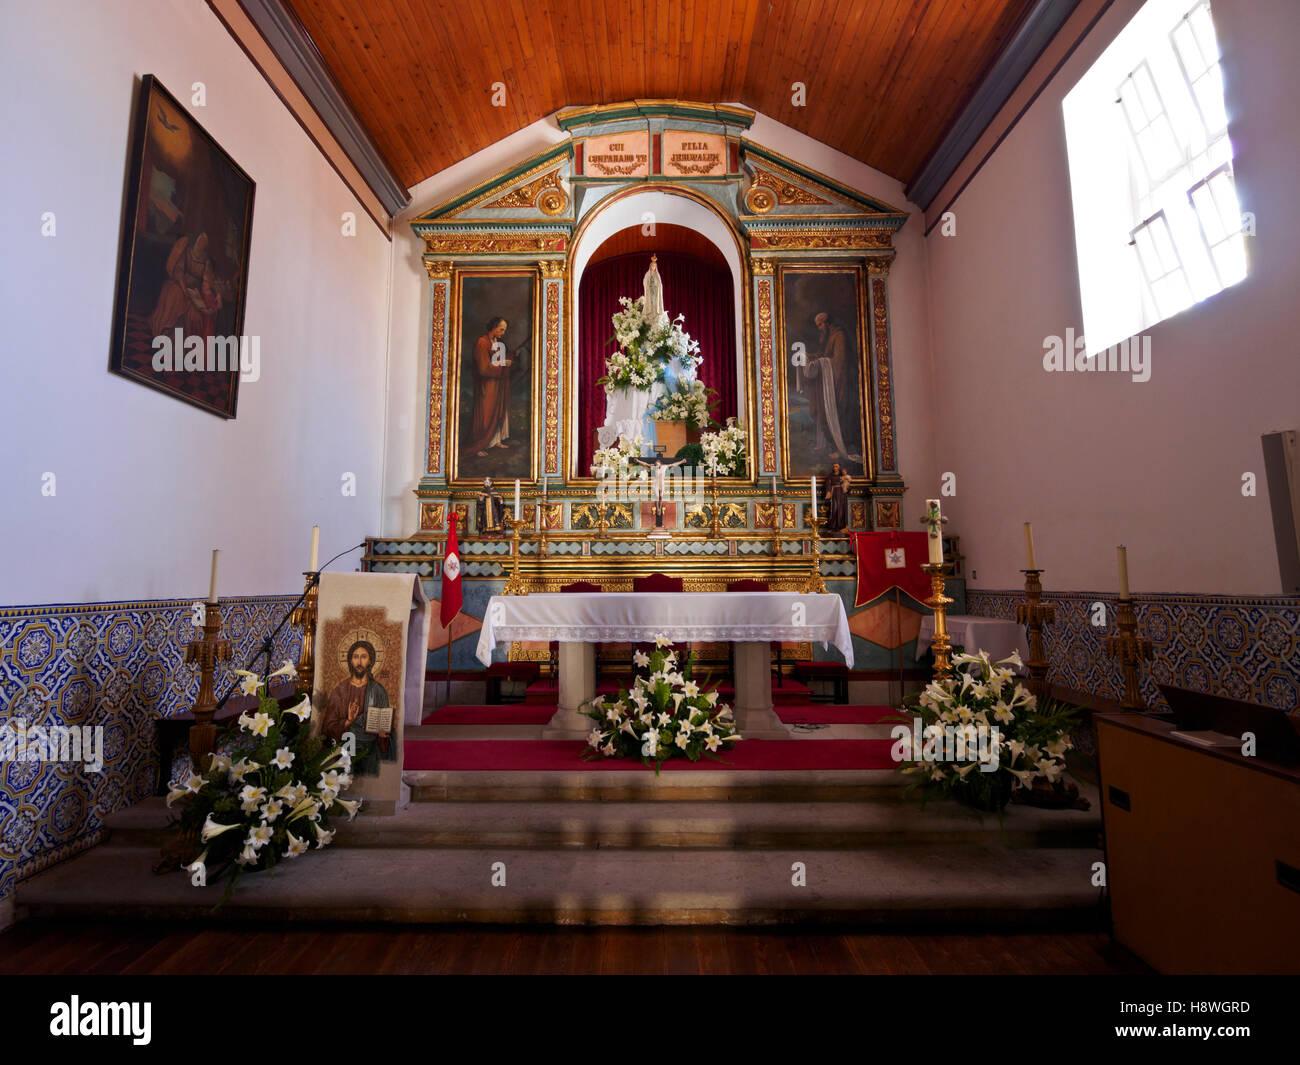 Portugal, Madeira Islands, Porto Santo, Vila Baleira, Interior view of the Church Nossa Senhora da Piedade. - Stock Image